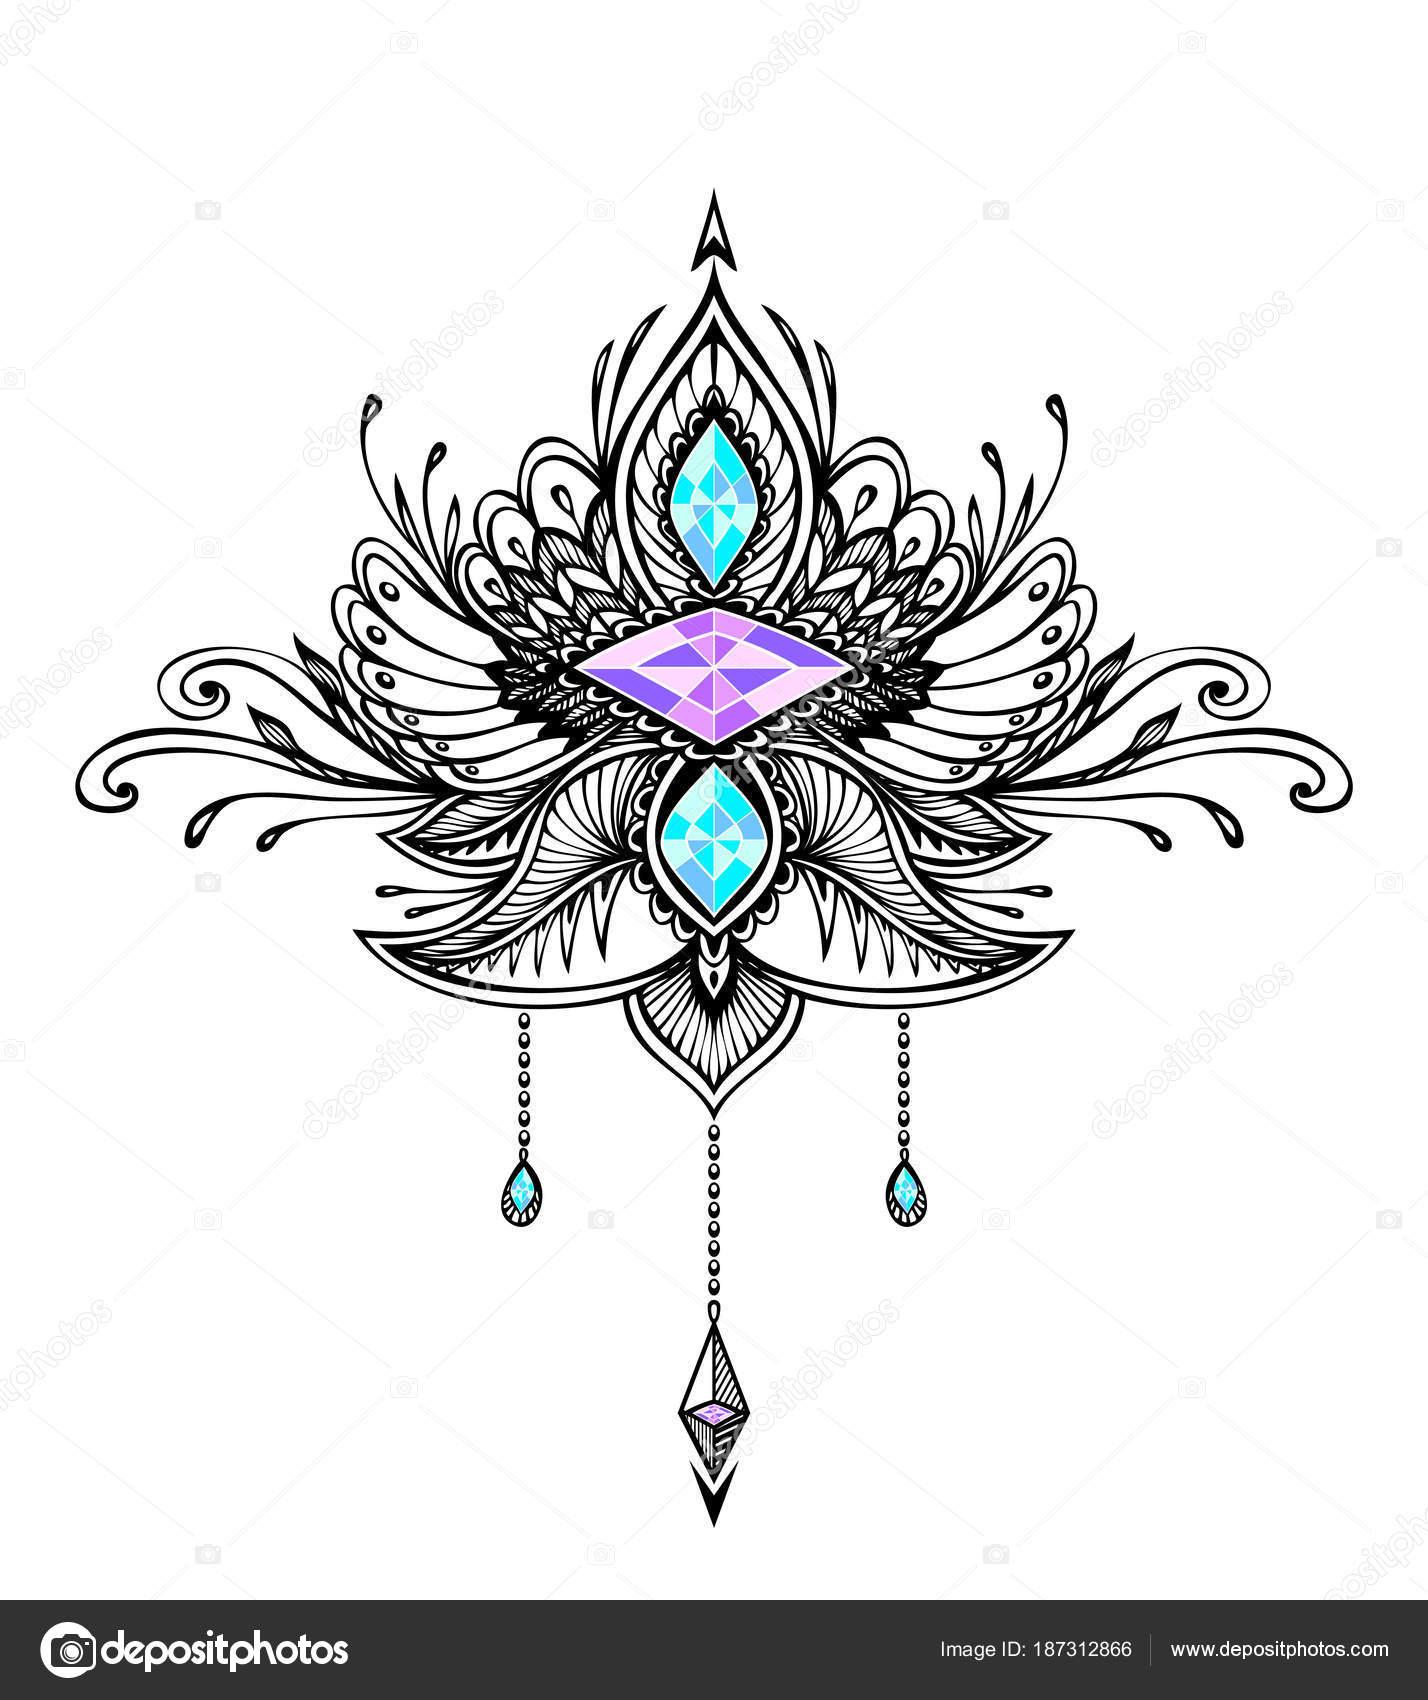 Abstract Zentangle Symbool Boho Indische Aziatische Ethno Stijl Met